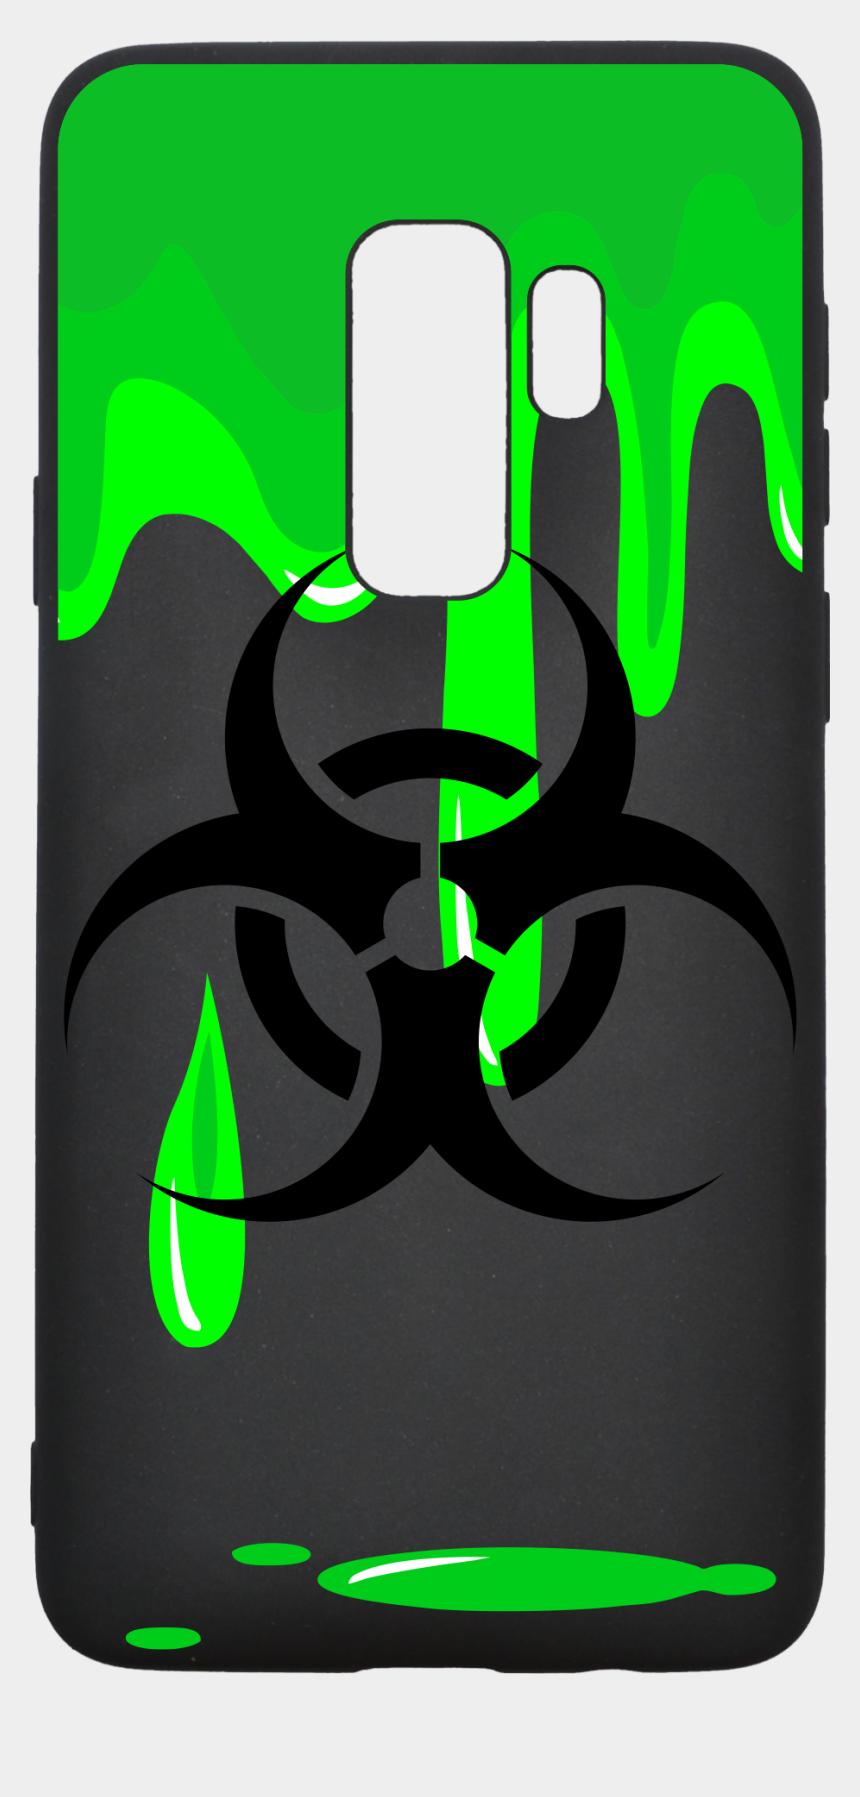 biohazard symbol clipart, Cartoons - Graphic Design